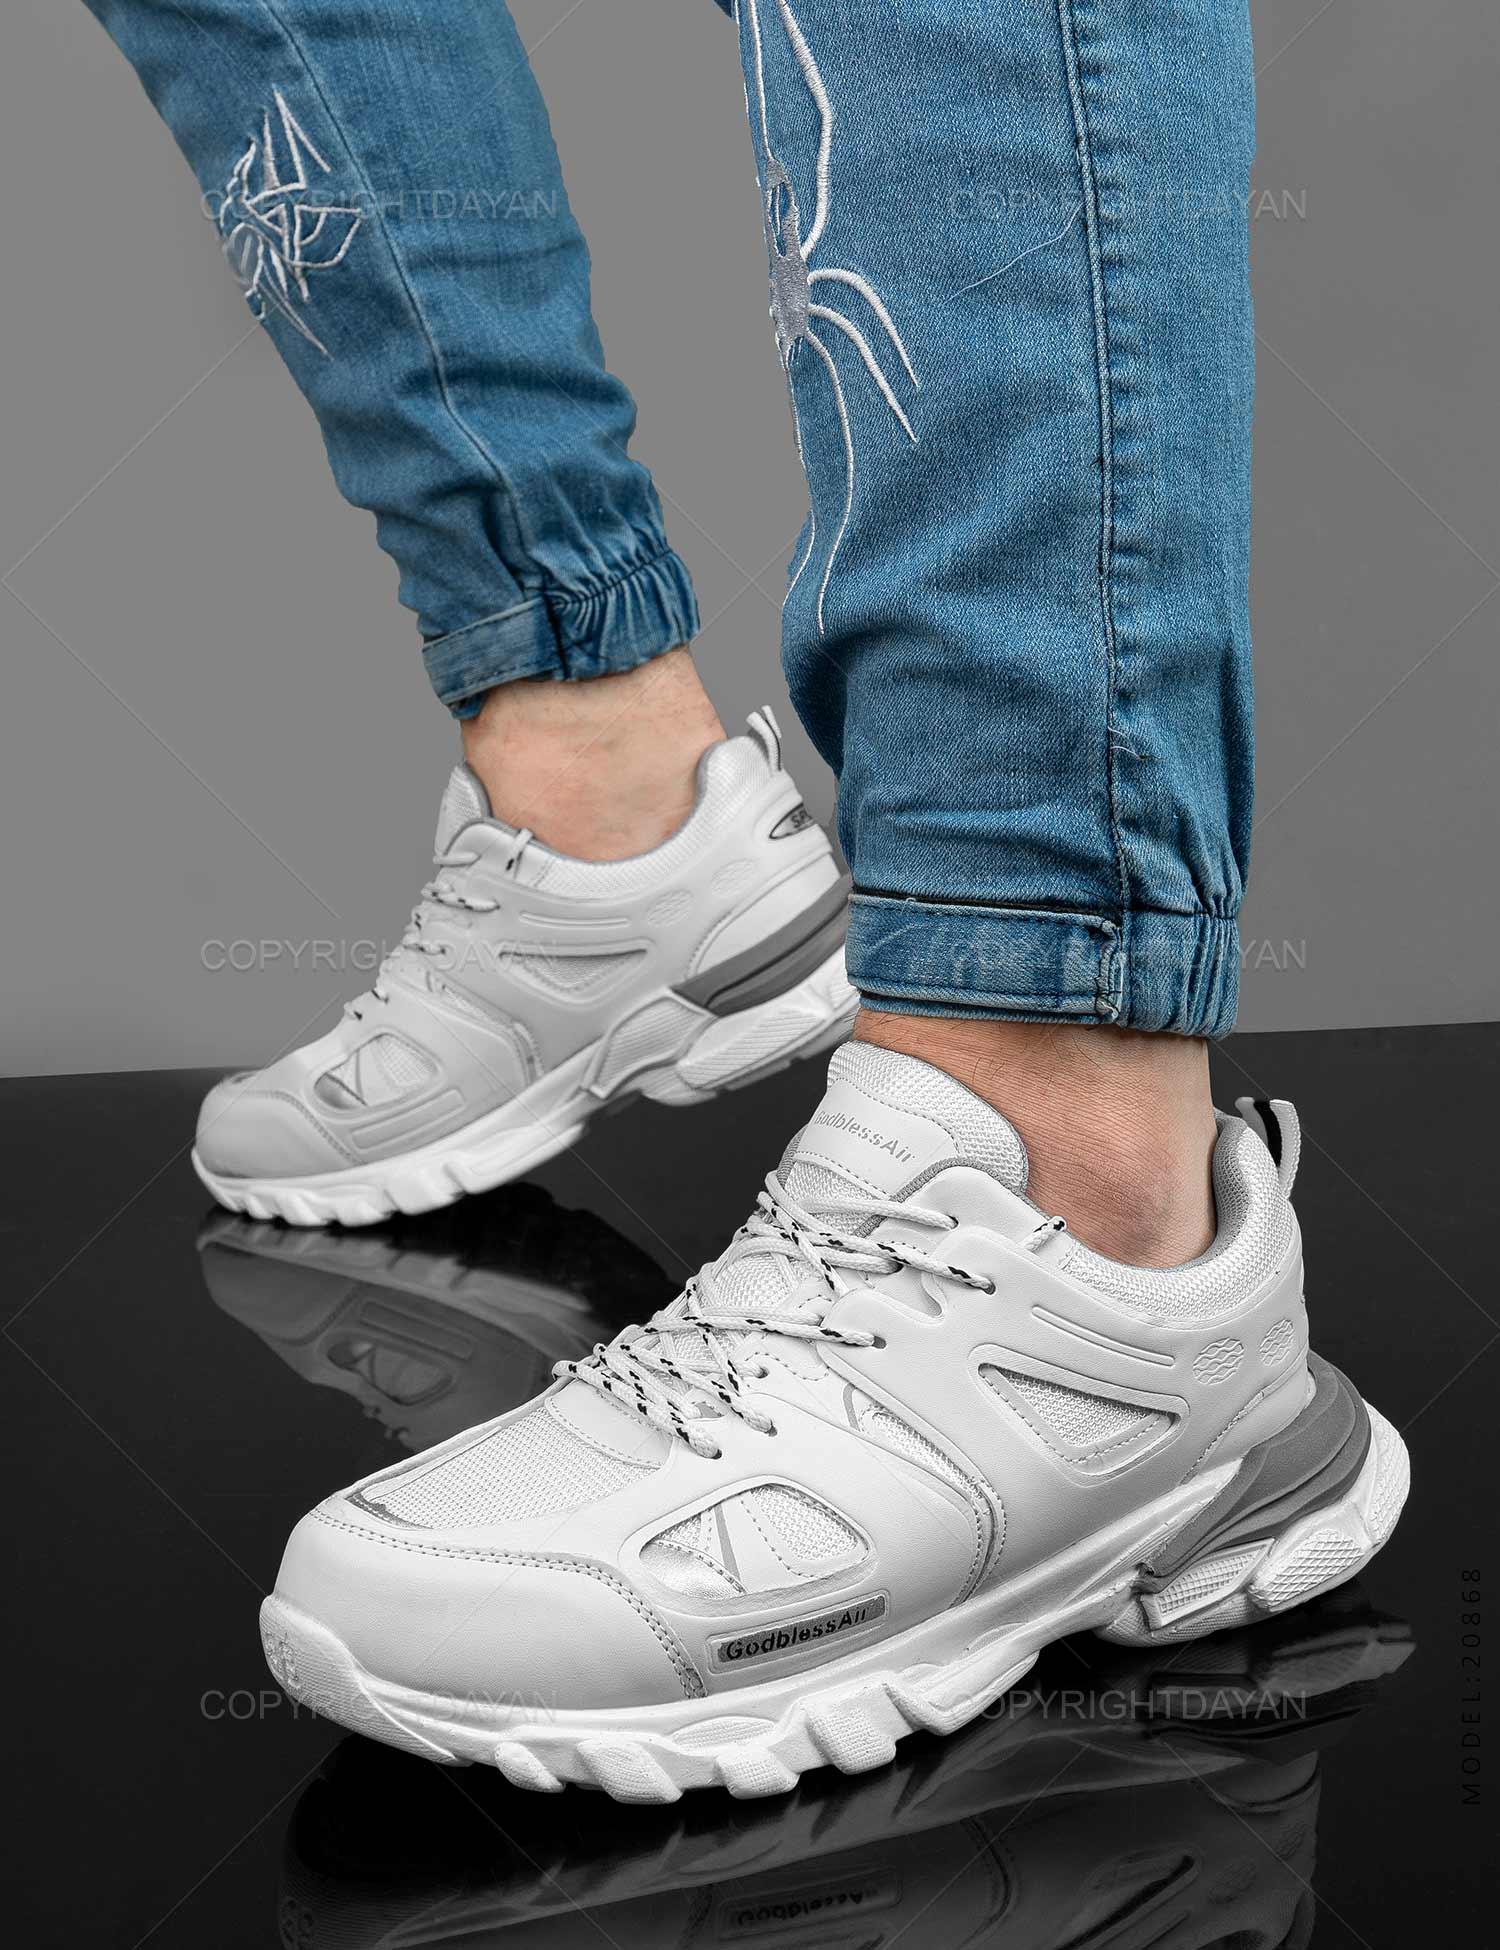 کفش مردانه Nika مدل 20868 کفش مردانه Nika مدل 20868 299,000 تومان